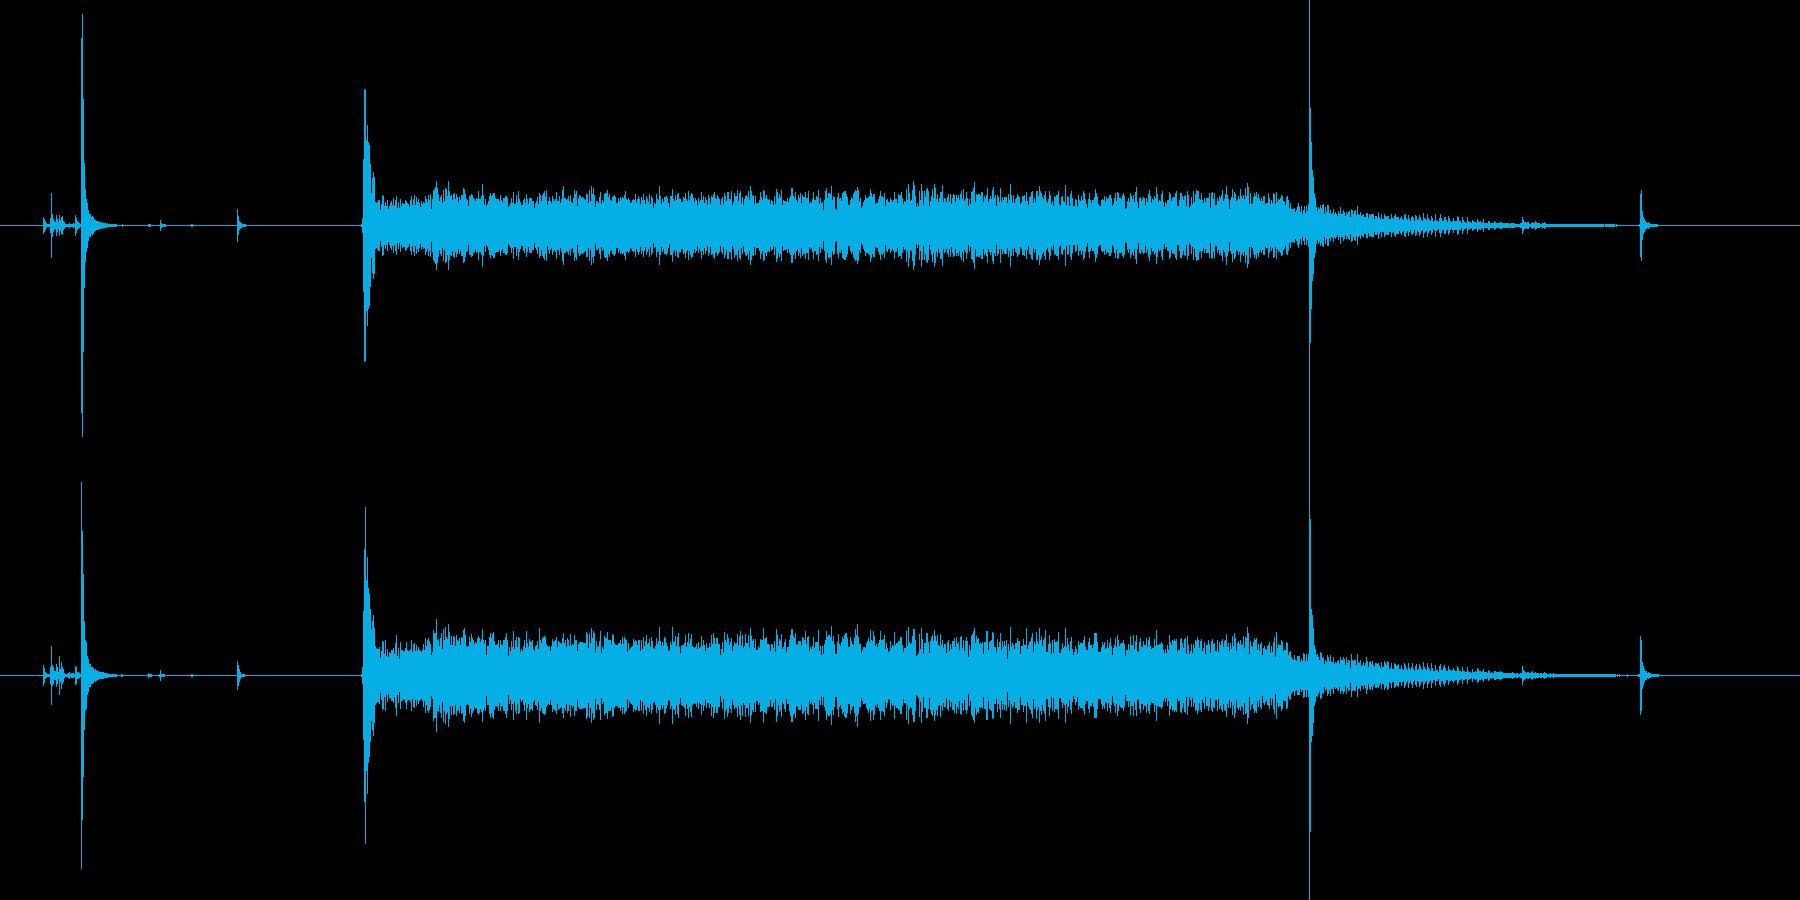 スイッチオン!ウィーン(マシーン音)の再生済みの波形